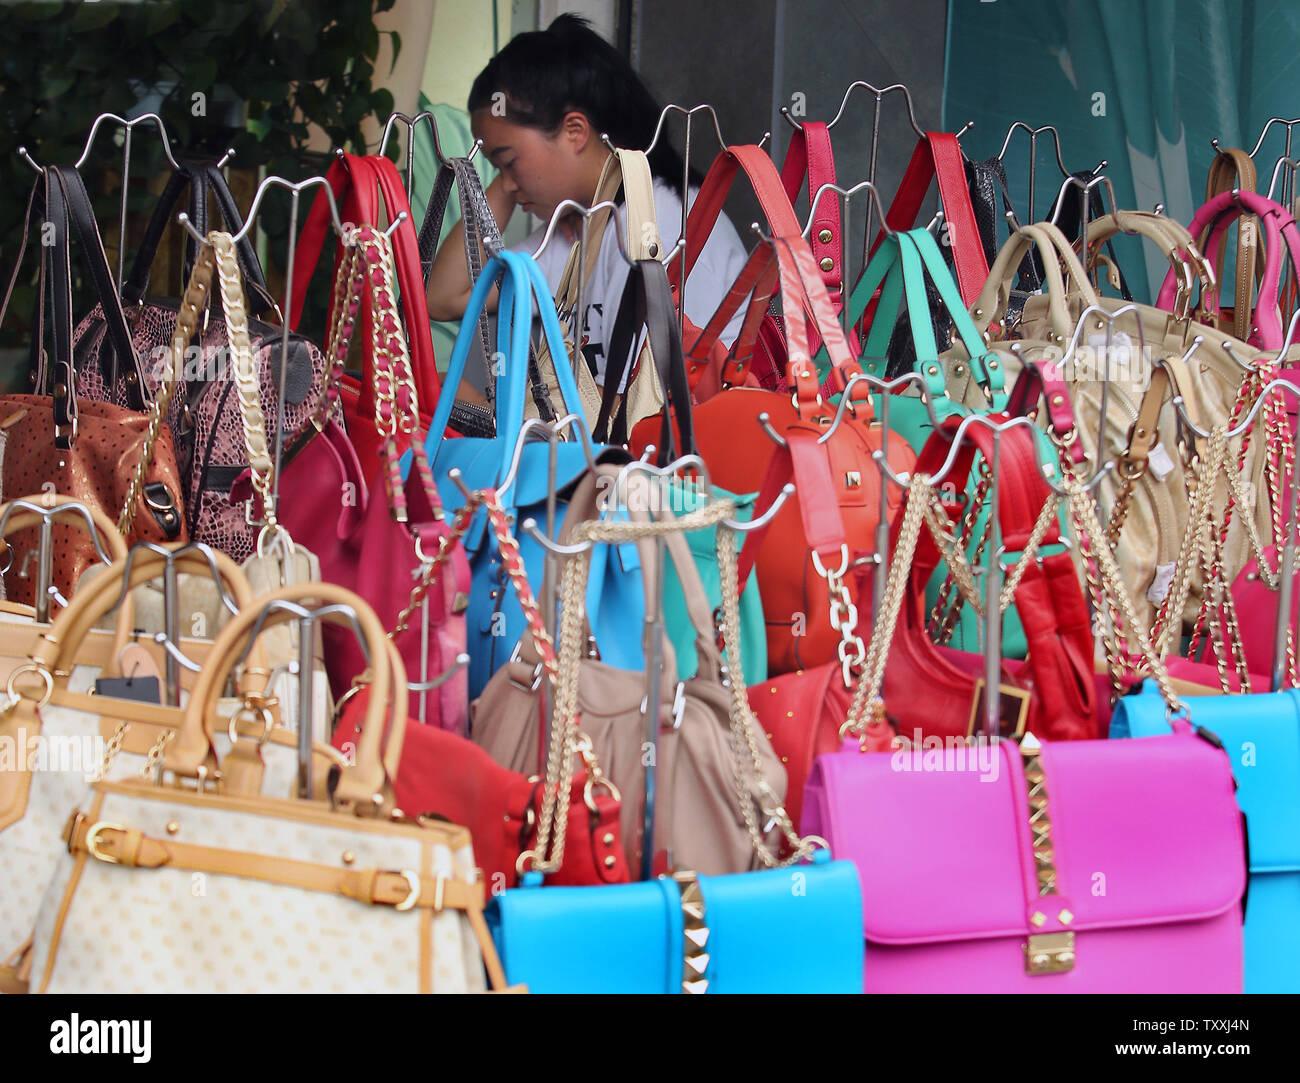 gefälschte luxusgüter stockfotos und -bilder kaufen - alamy